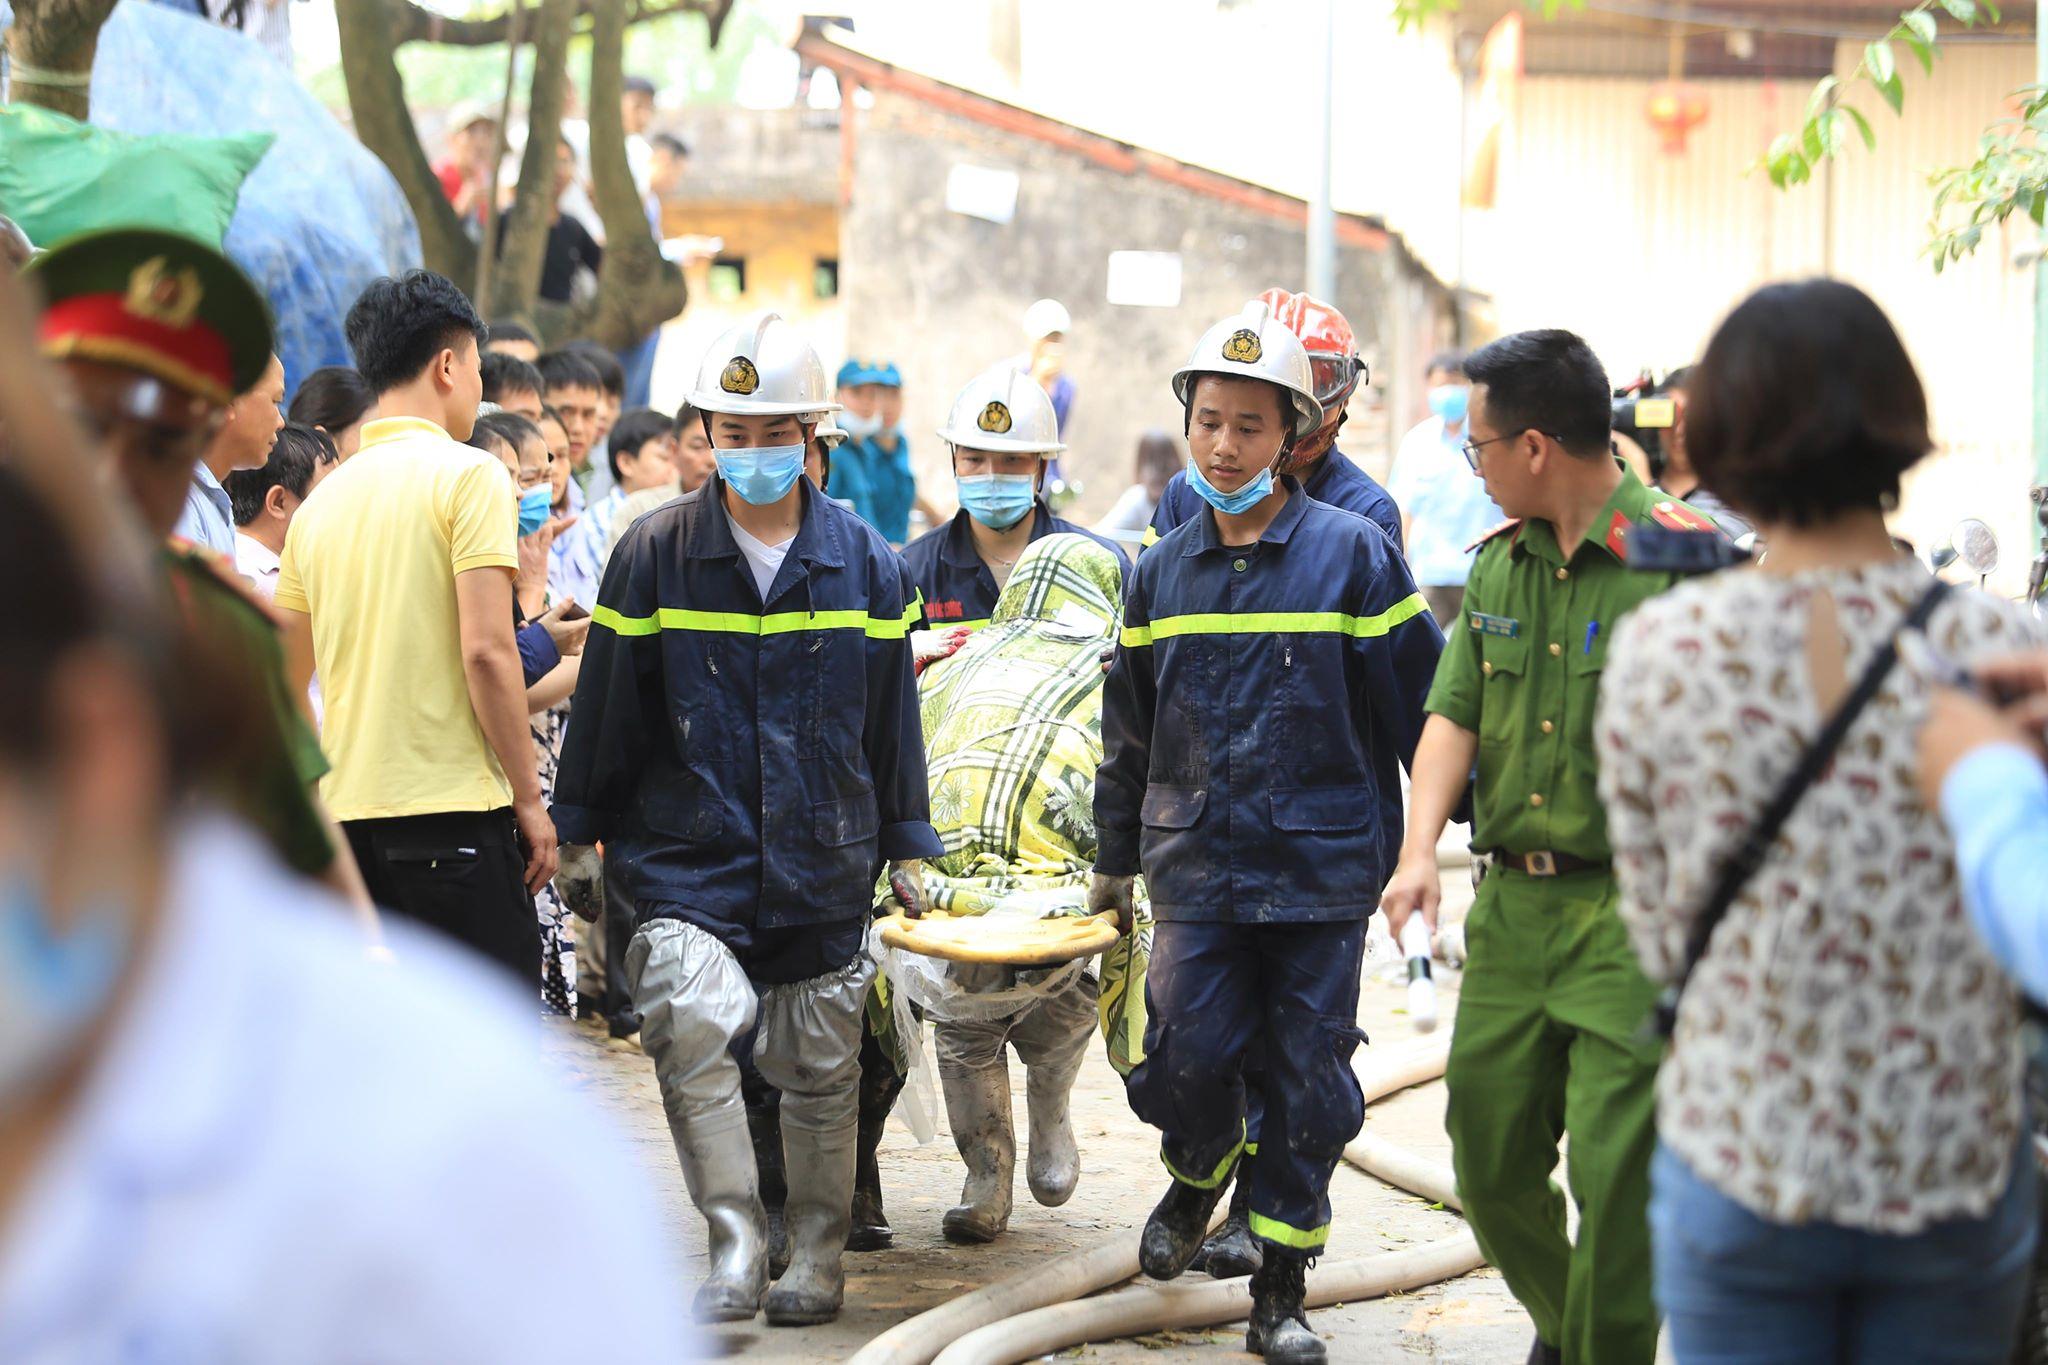 Vụ cháy xưởng ở Hà Nội: Nhói lòng hình ảnh các thi thể được bọc tạm trong chăn đưa ra ngoài - Ảnh 4